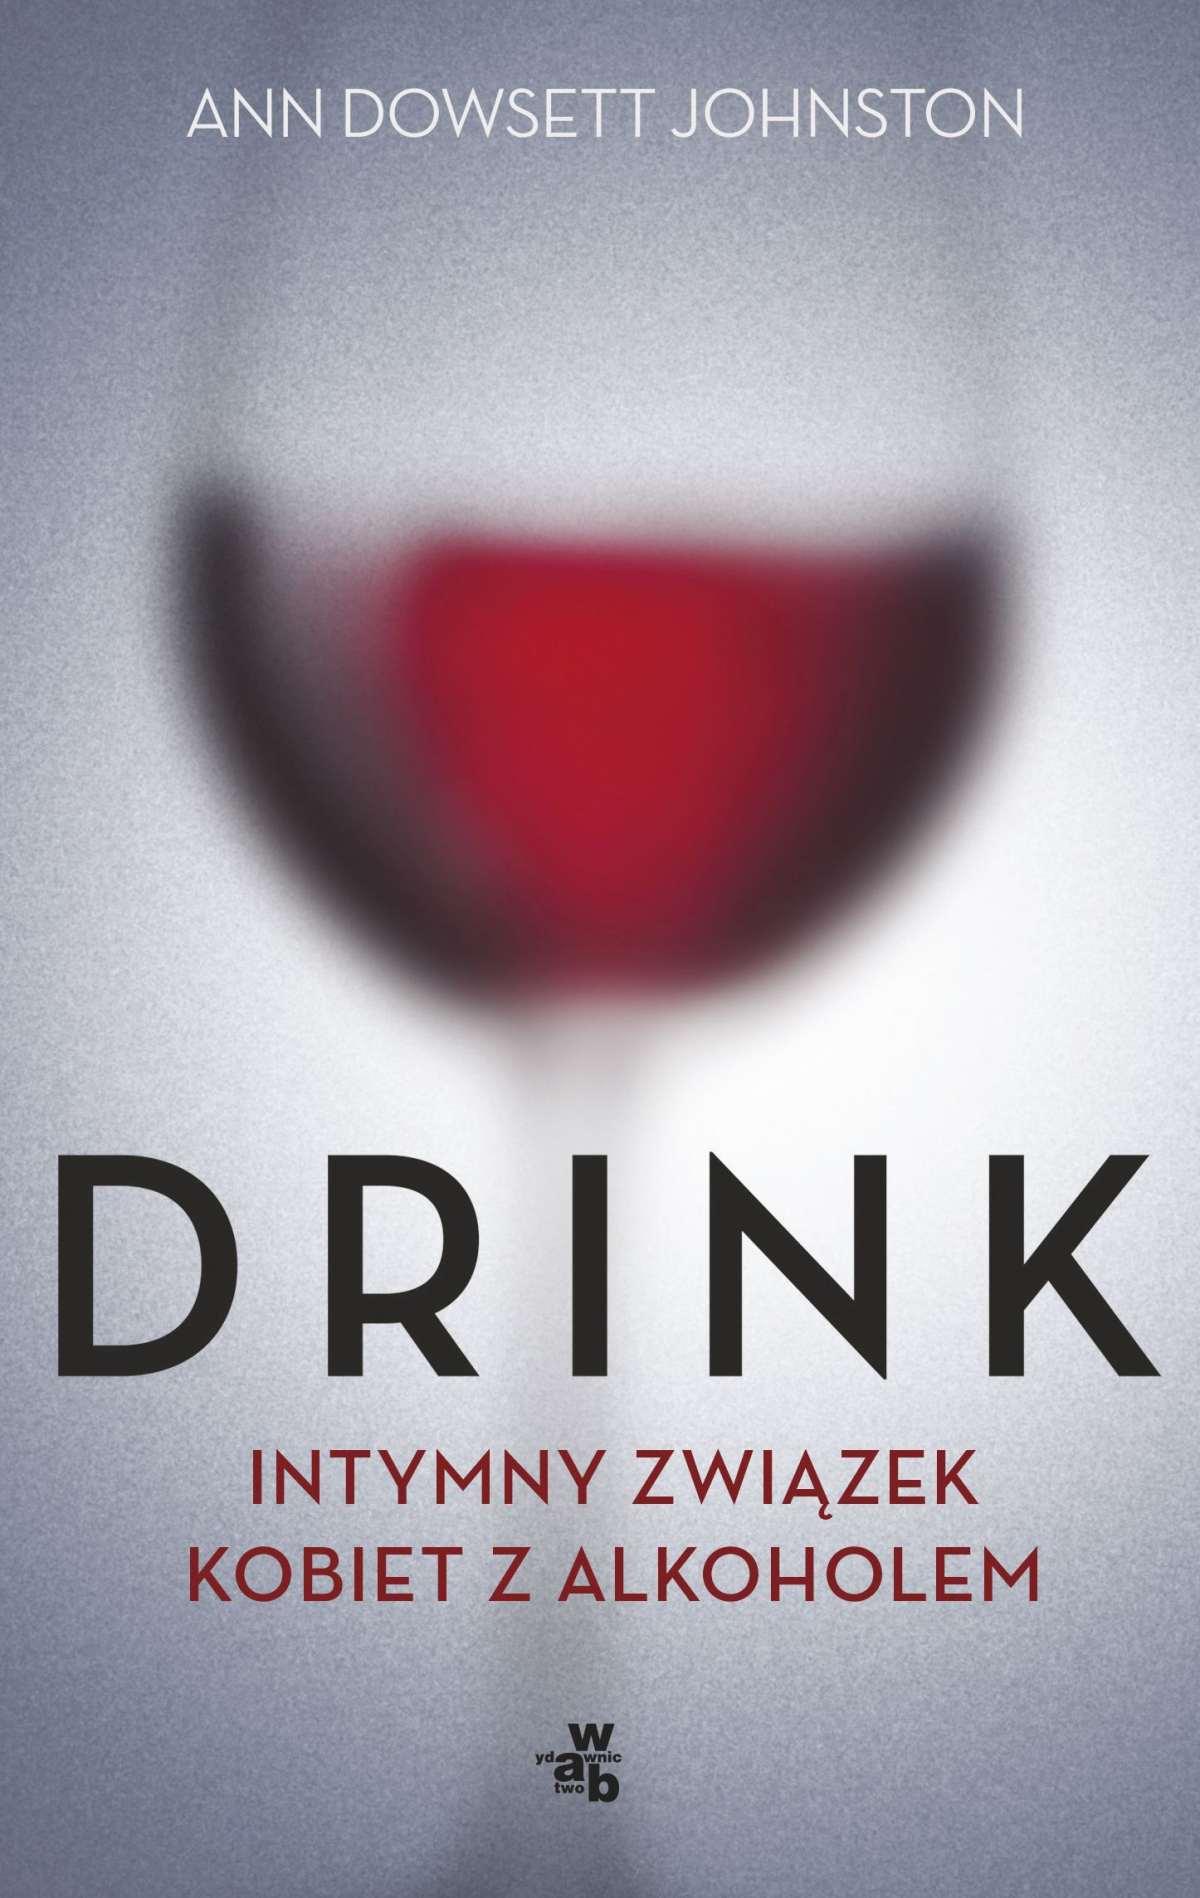 Drink. Intymny romans kobiet z alkoholem - Ebook (Książka na Kindle) do pobrania w formacie MOBI